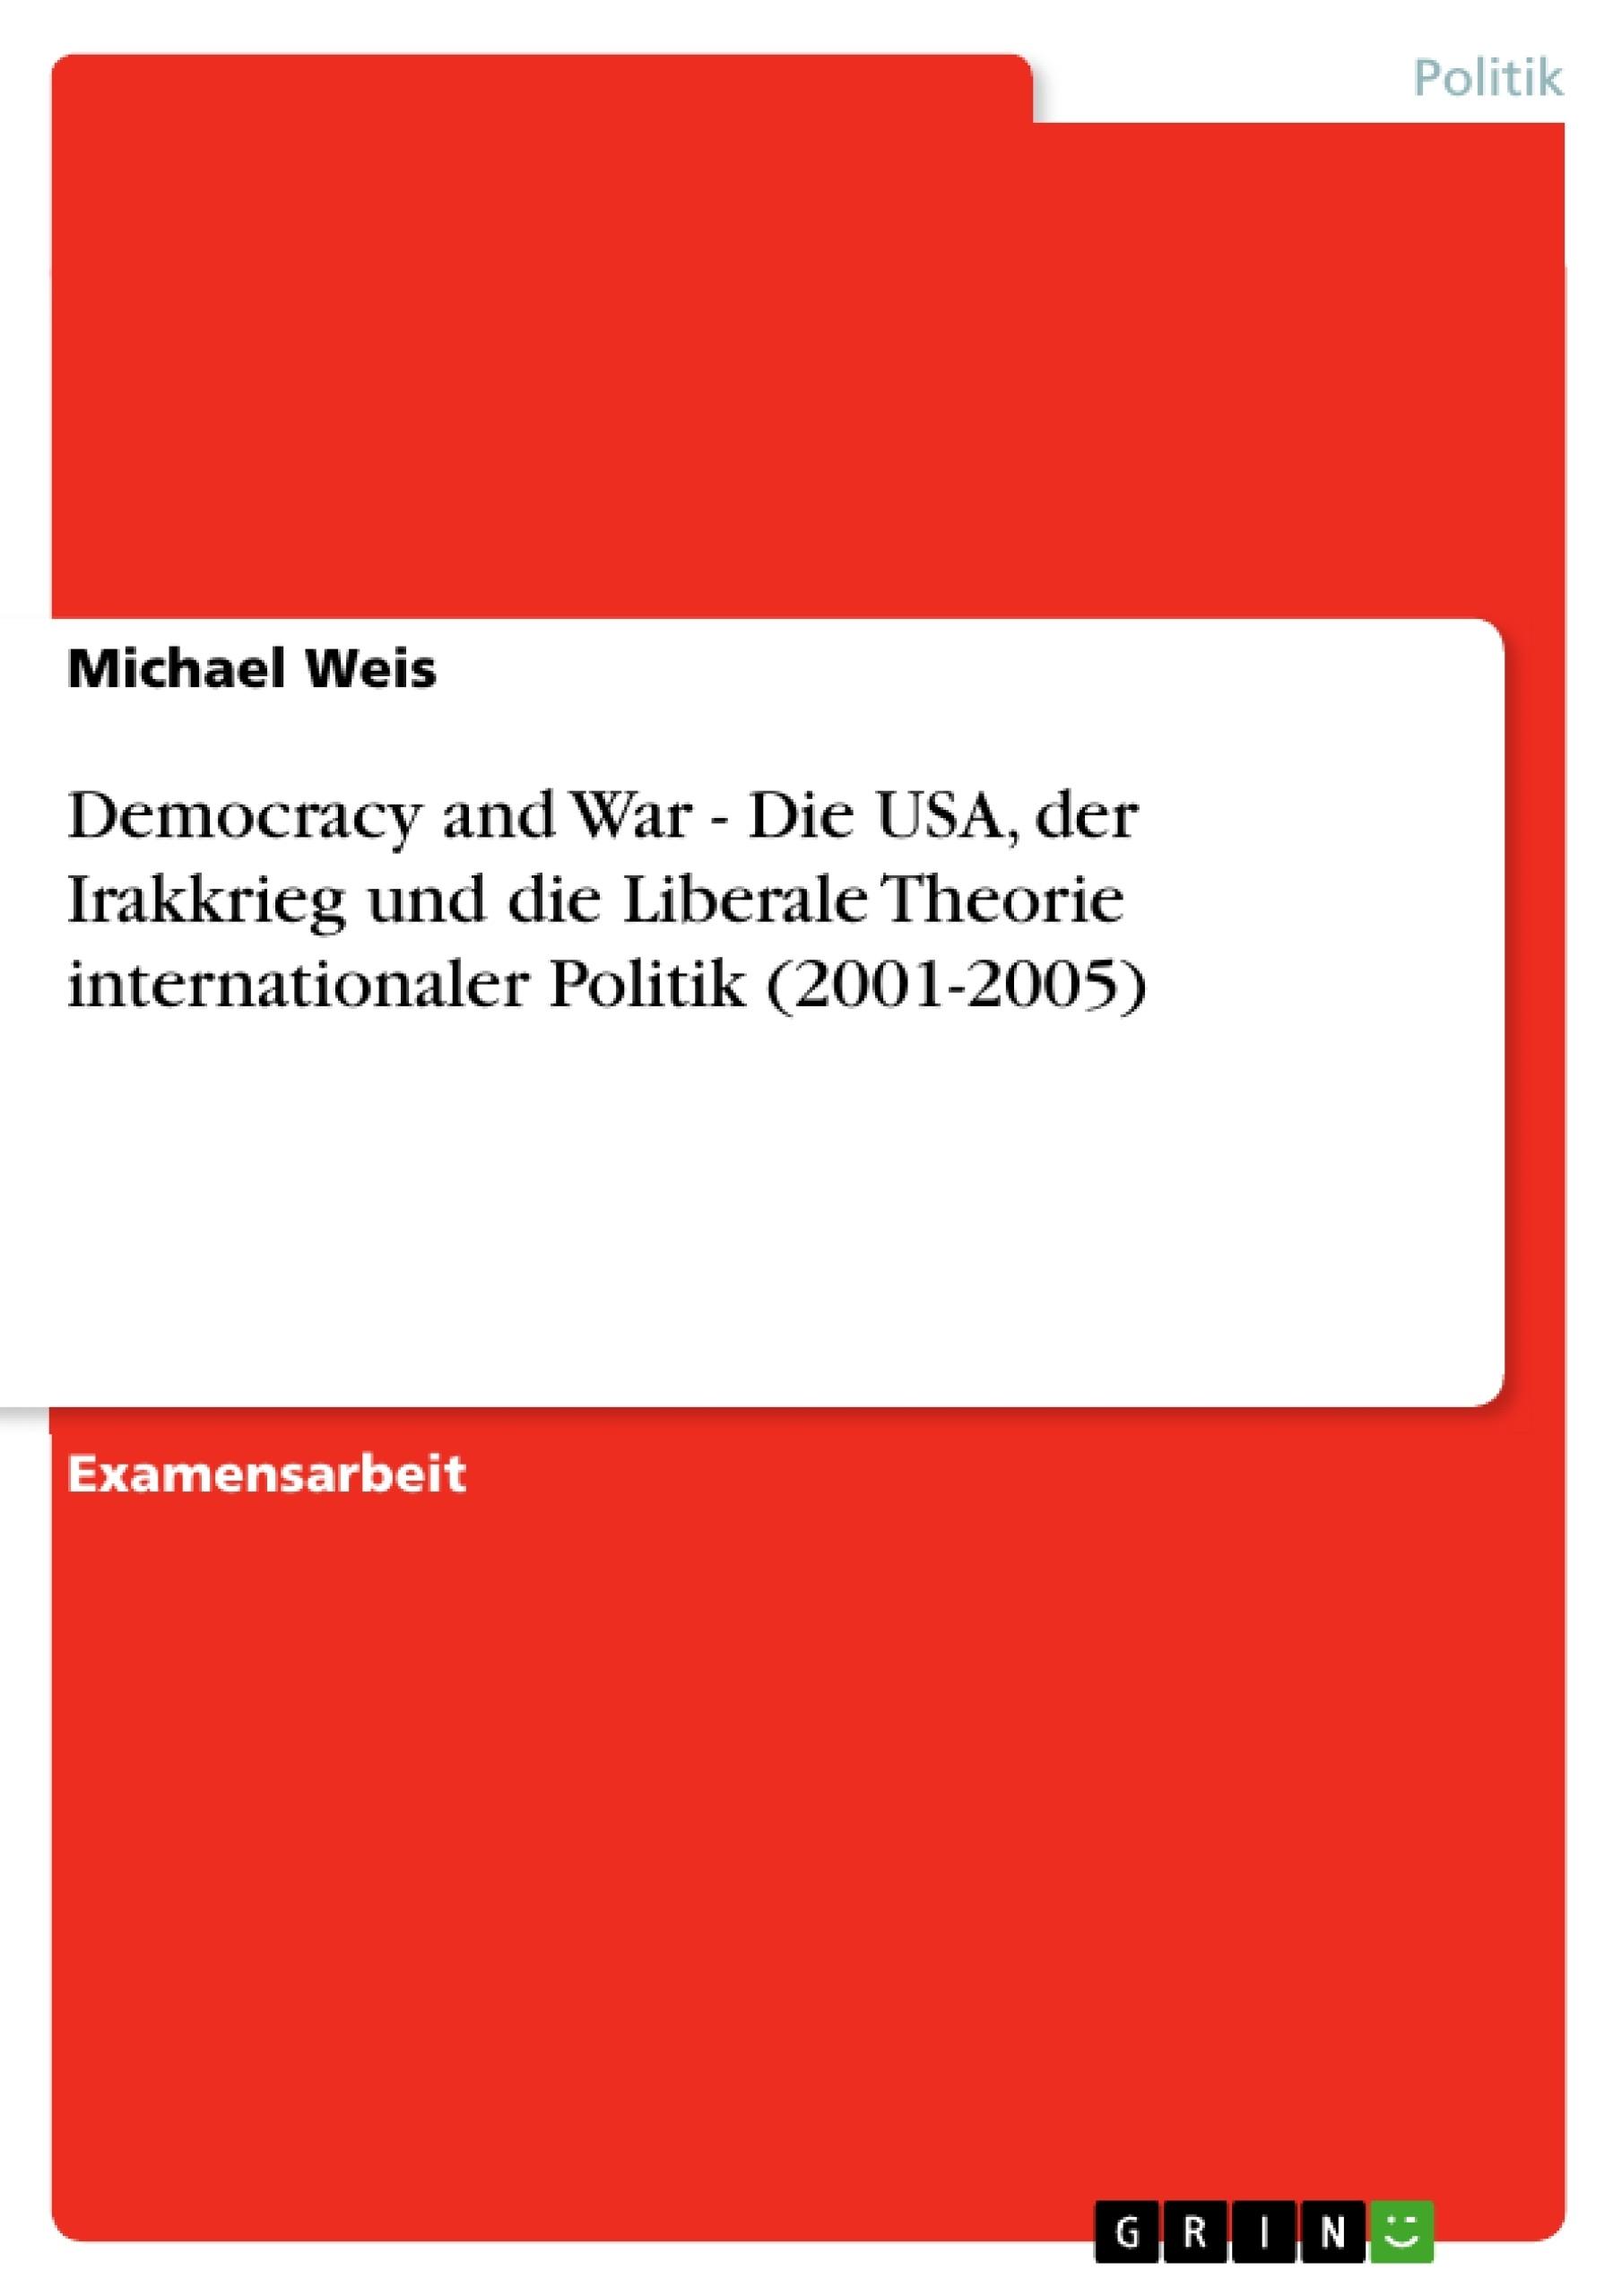 Titel: Democracy and War - Die USA, der Irakkrieg und die Liberale Theorie internationaler Politik  (2001-2005)